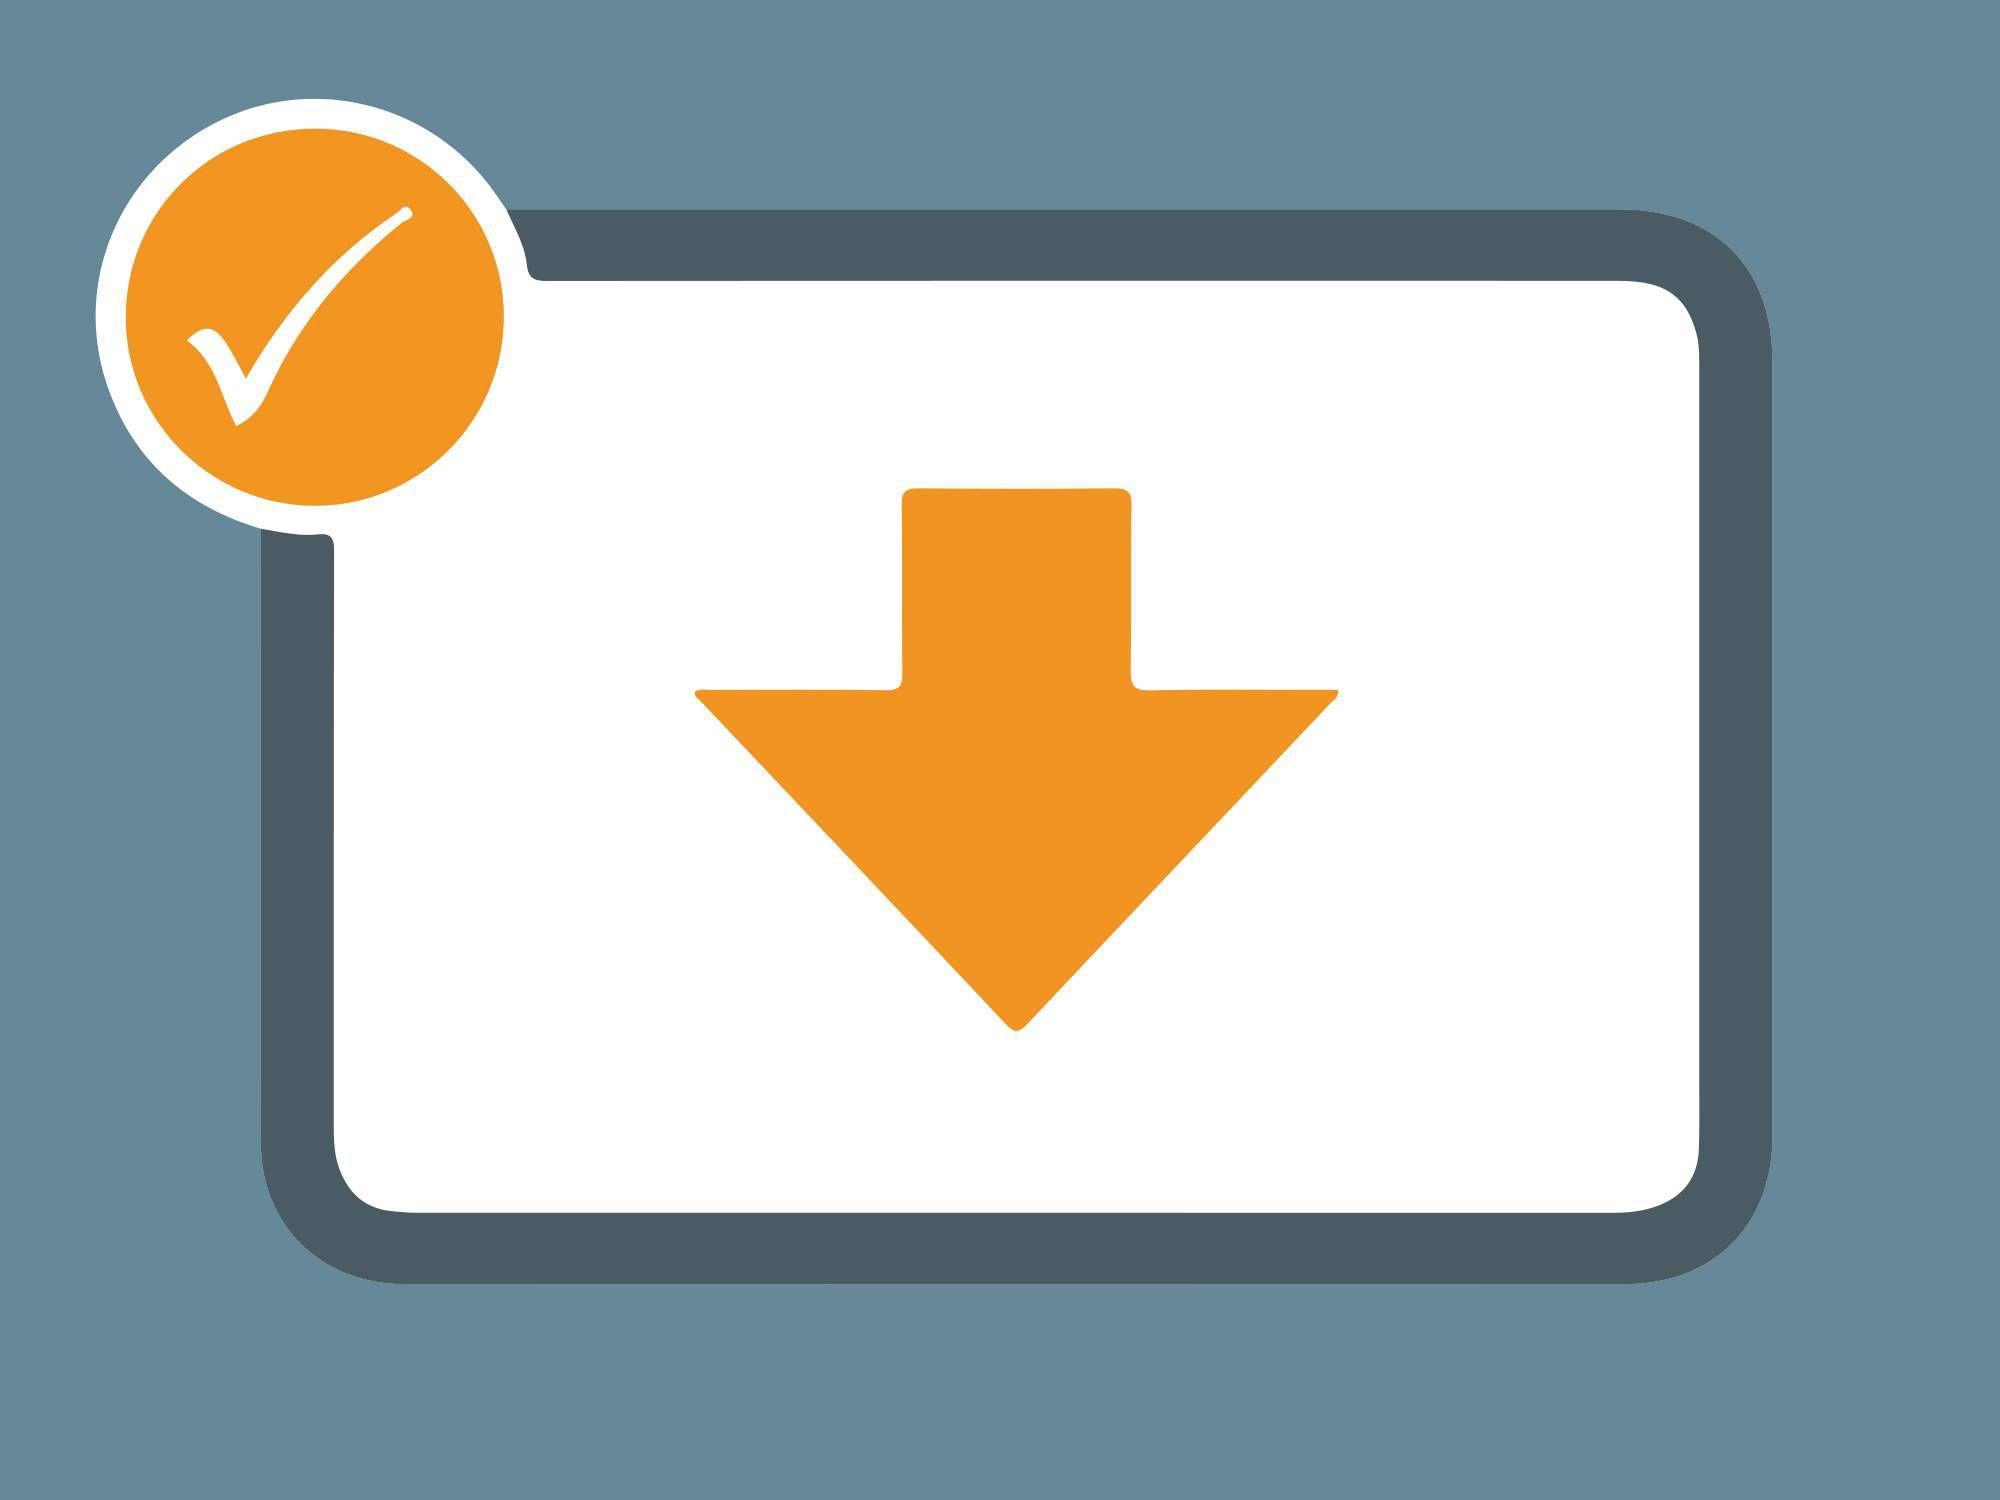 downloads_serviceRWD Image (2000 x 1500).jpg